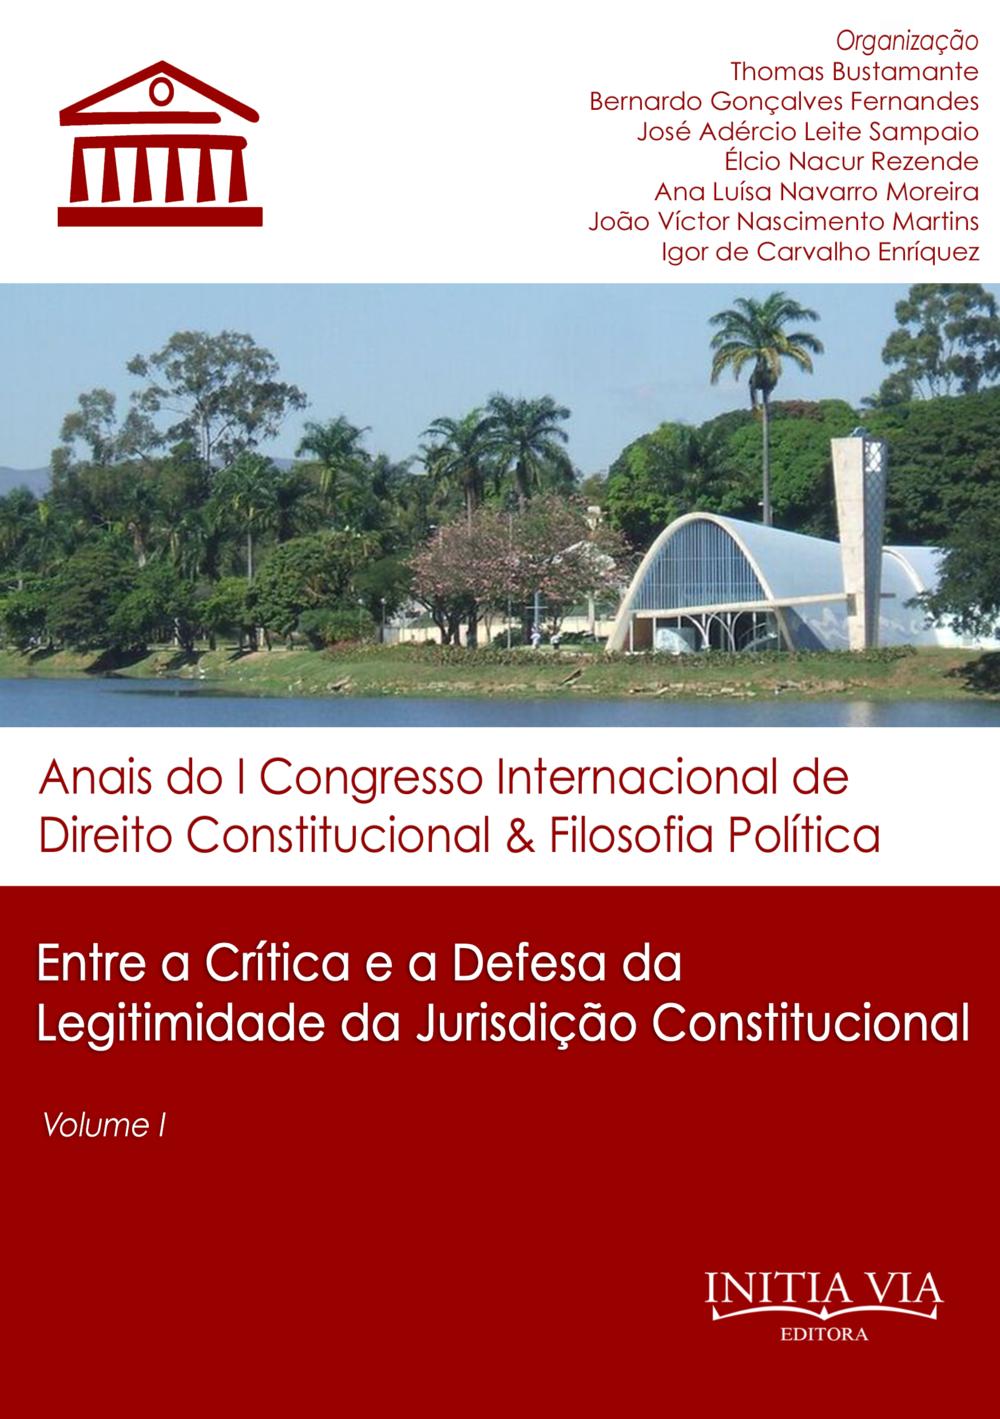 CAPA anais - vol 1.png